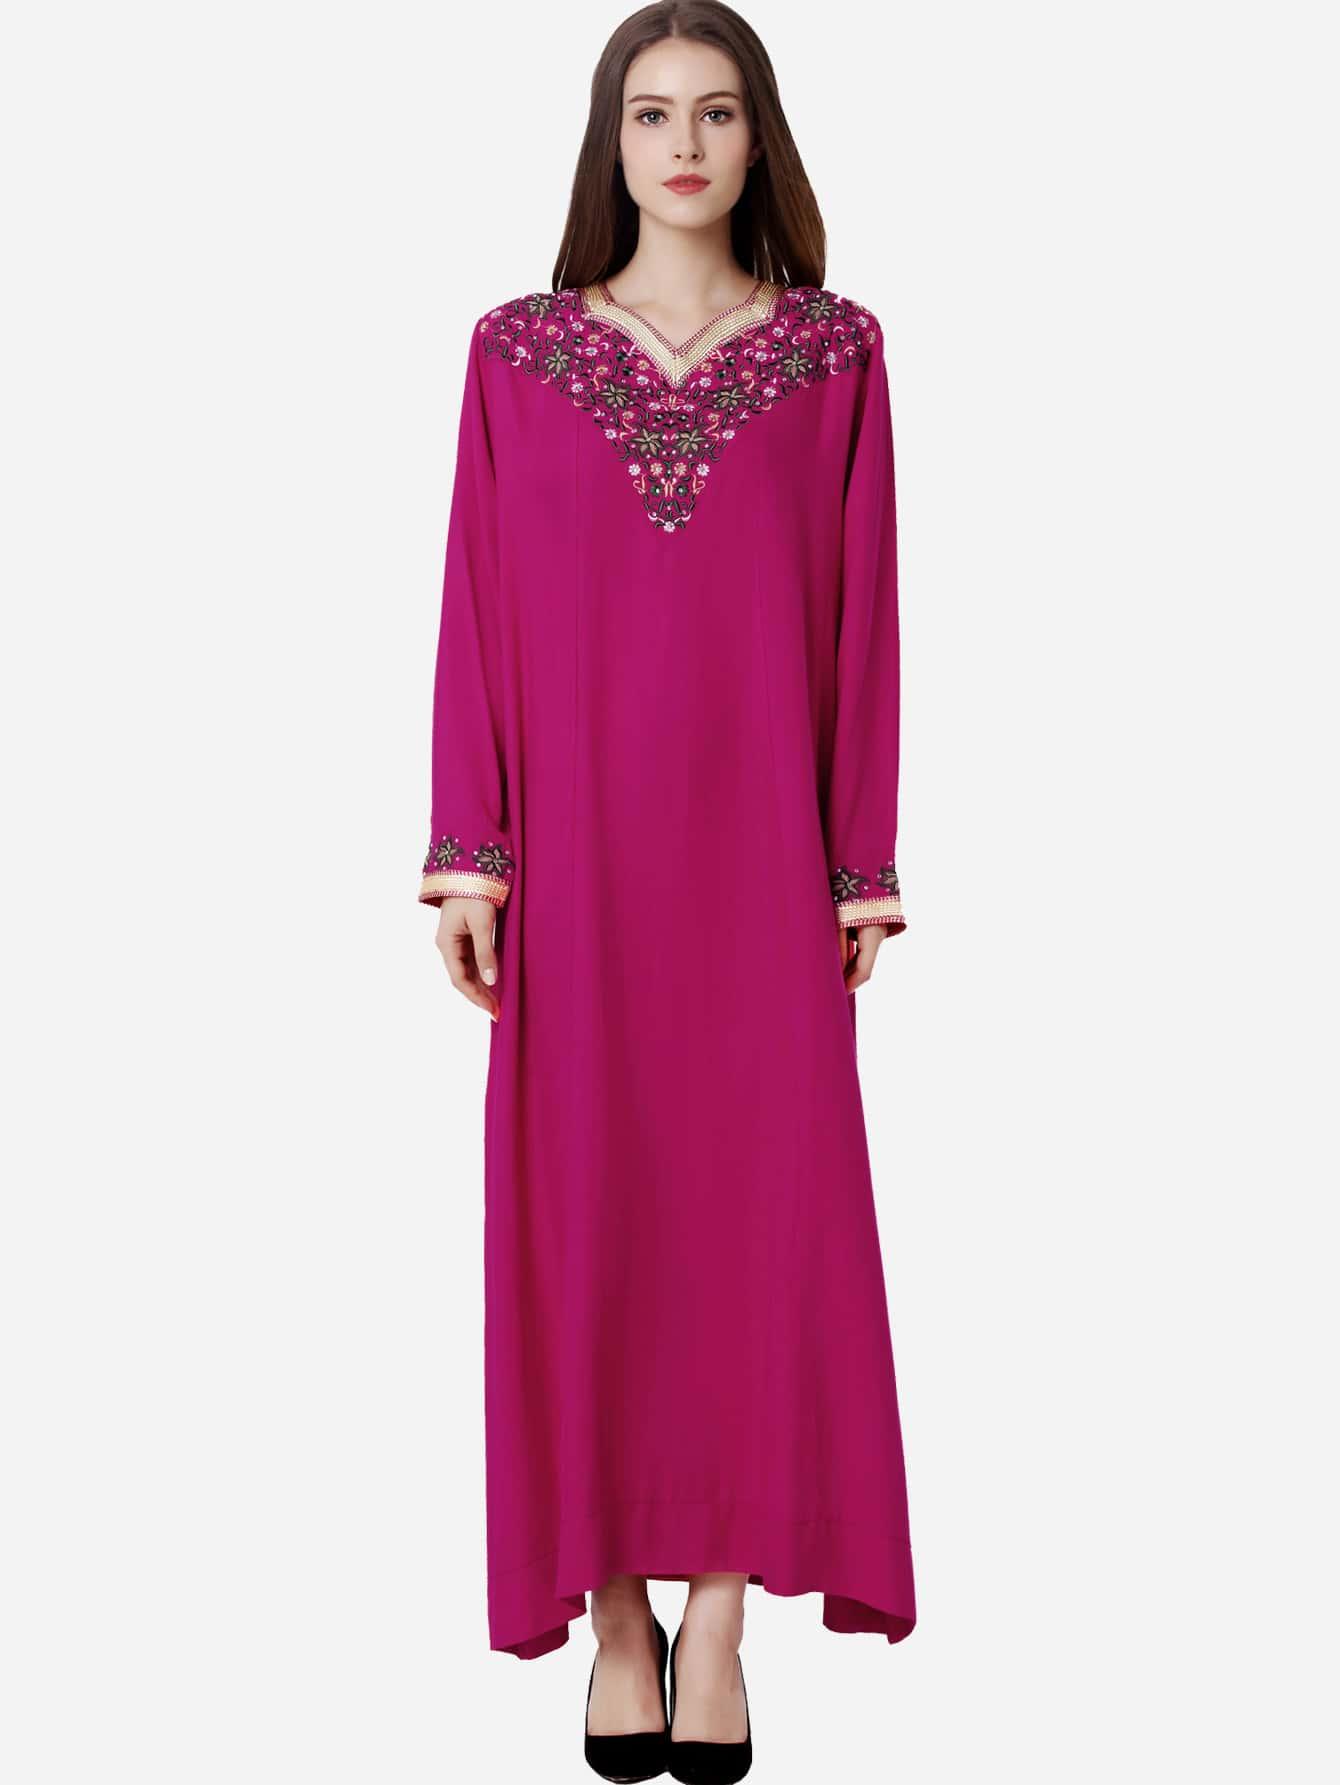 Hijab abendkleid mit blumen stickereien german shein - Shein kleidung ...